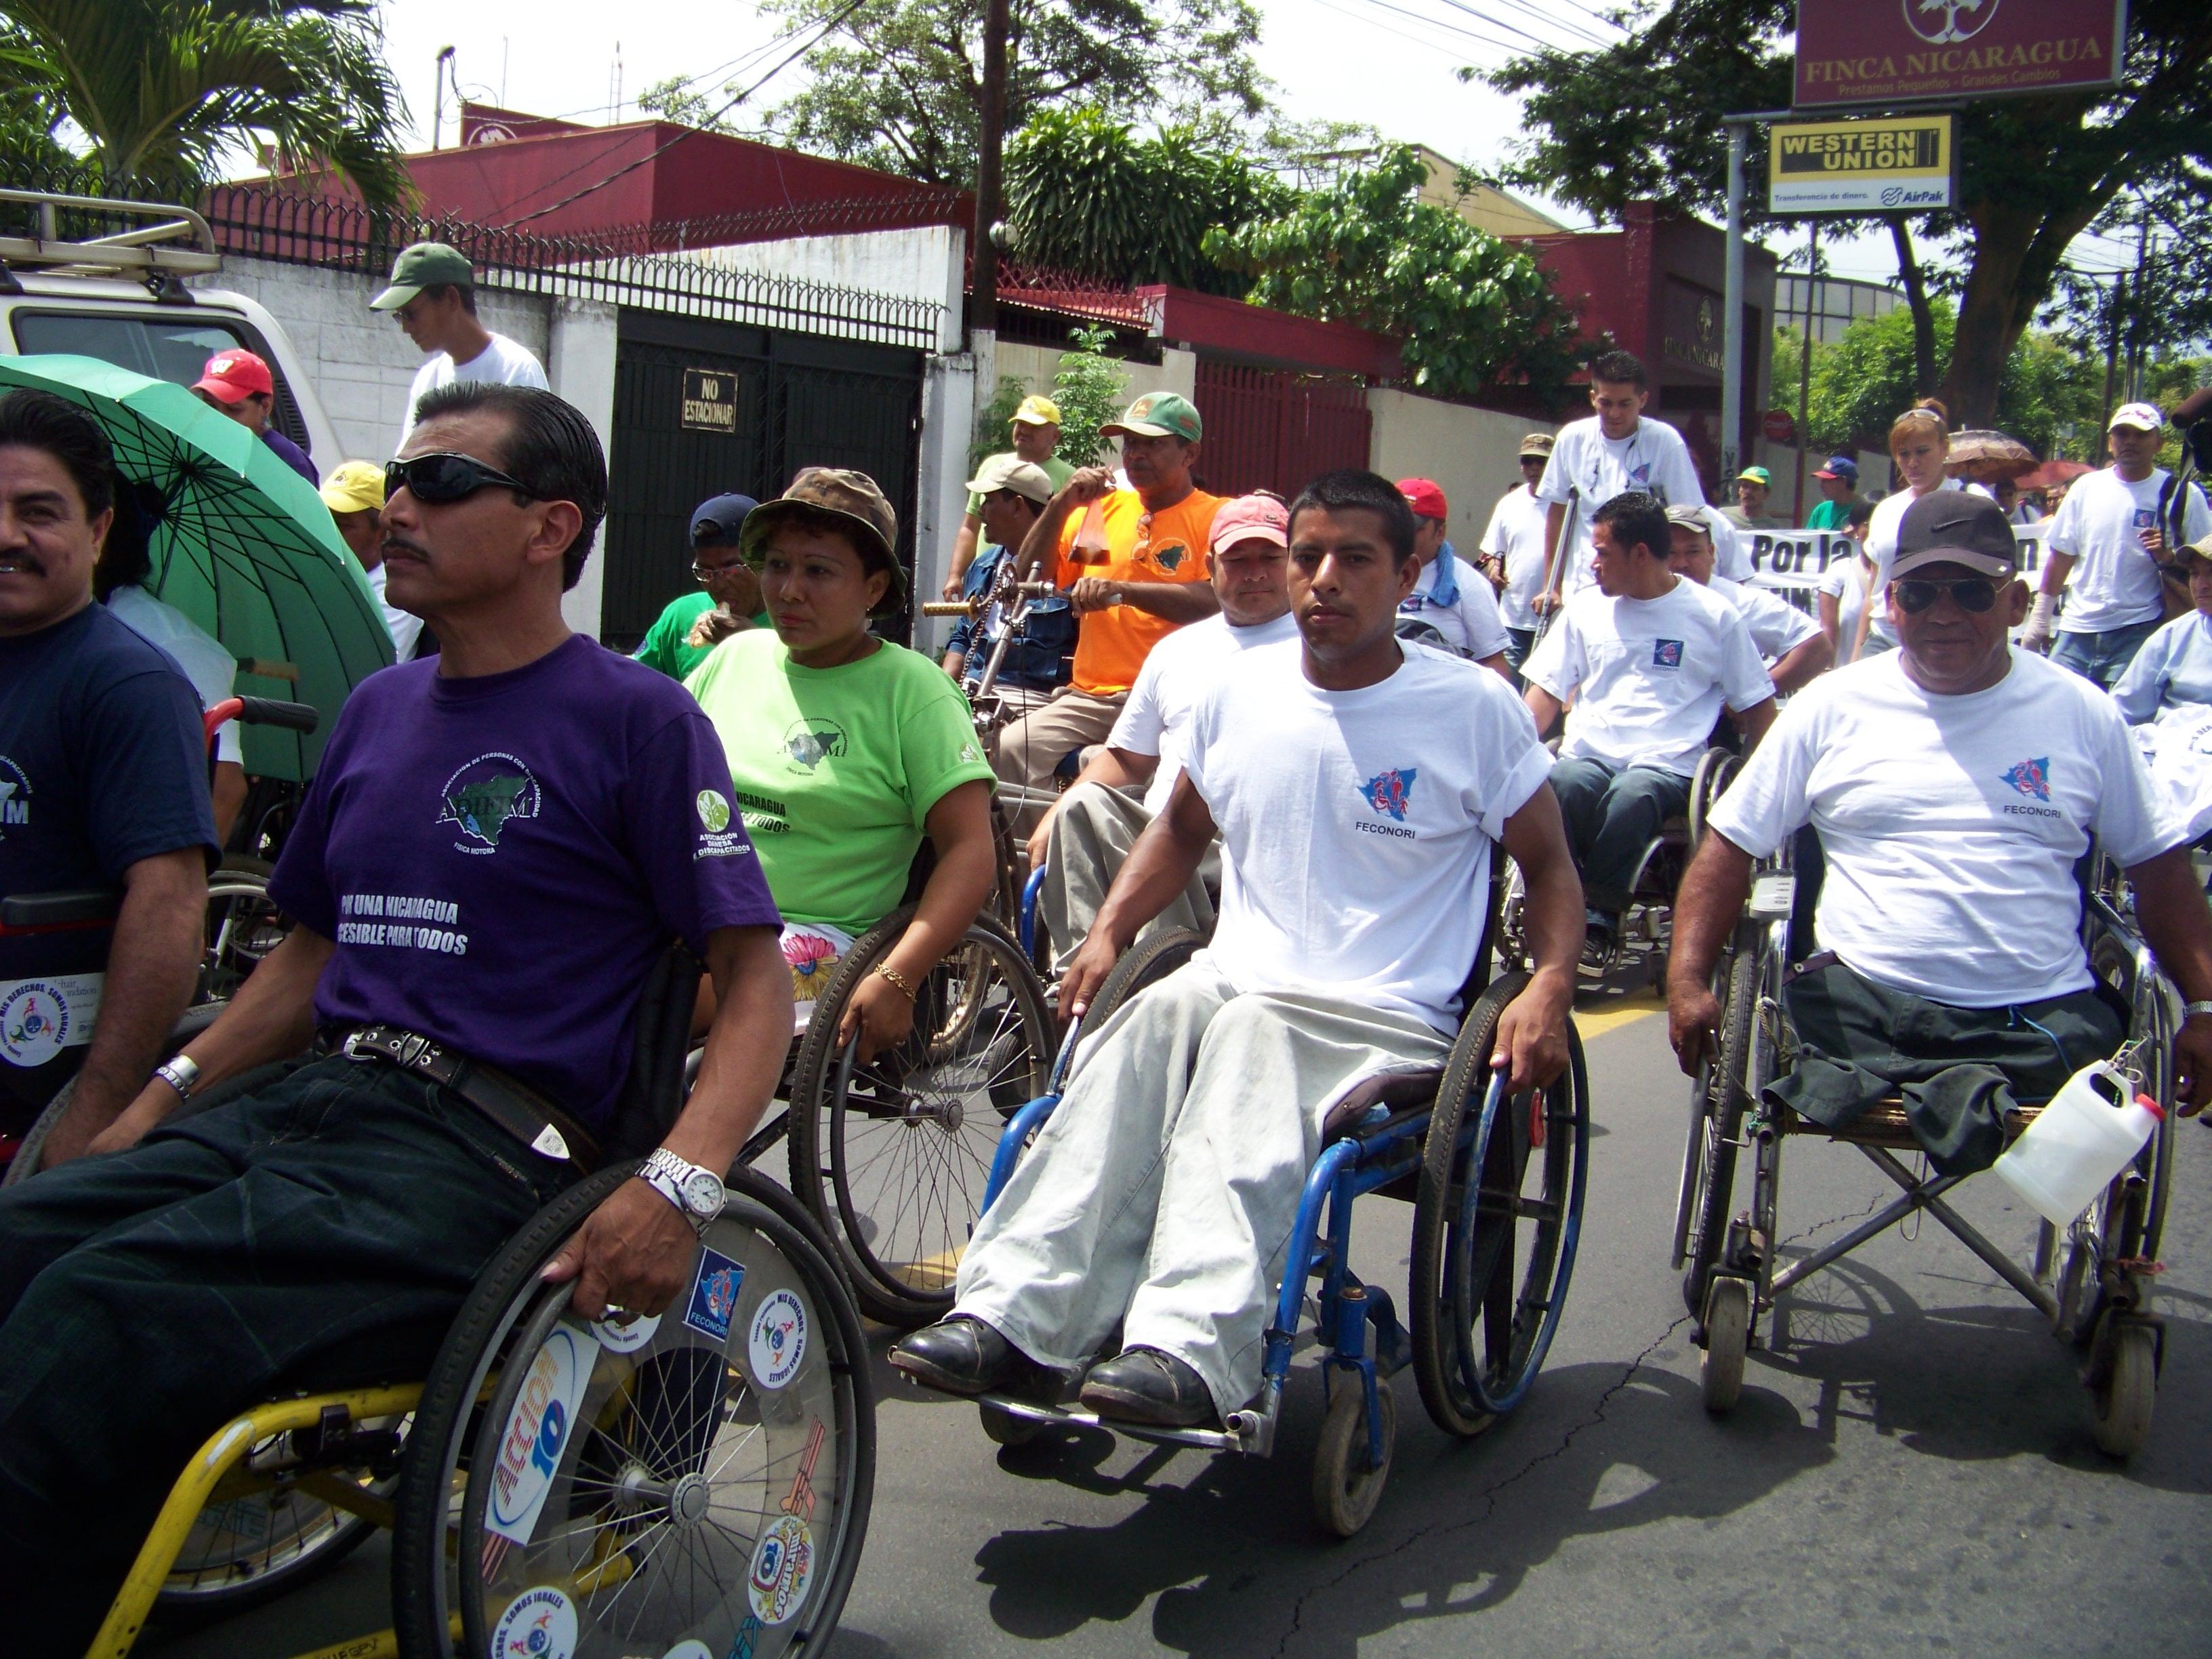 A pie, con muletas, en sillas de ruedas y en camionetas, una gran cantidad de personas discapacitadas marcharon hoy hasta la Asamblea Nacional donde entregaron 43,000 firmas de respaldo para reformar la Ley de Pensión de Gracia. LA PRENSA/ADELIA SANDOVAL